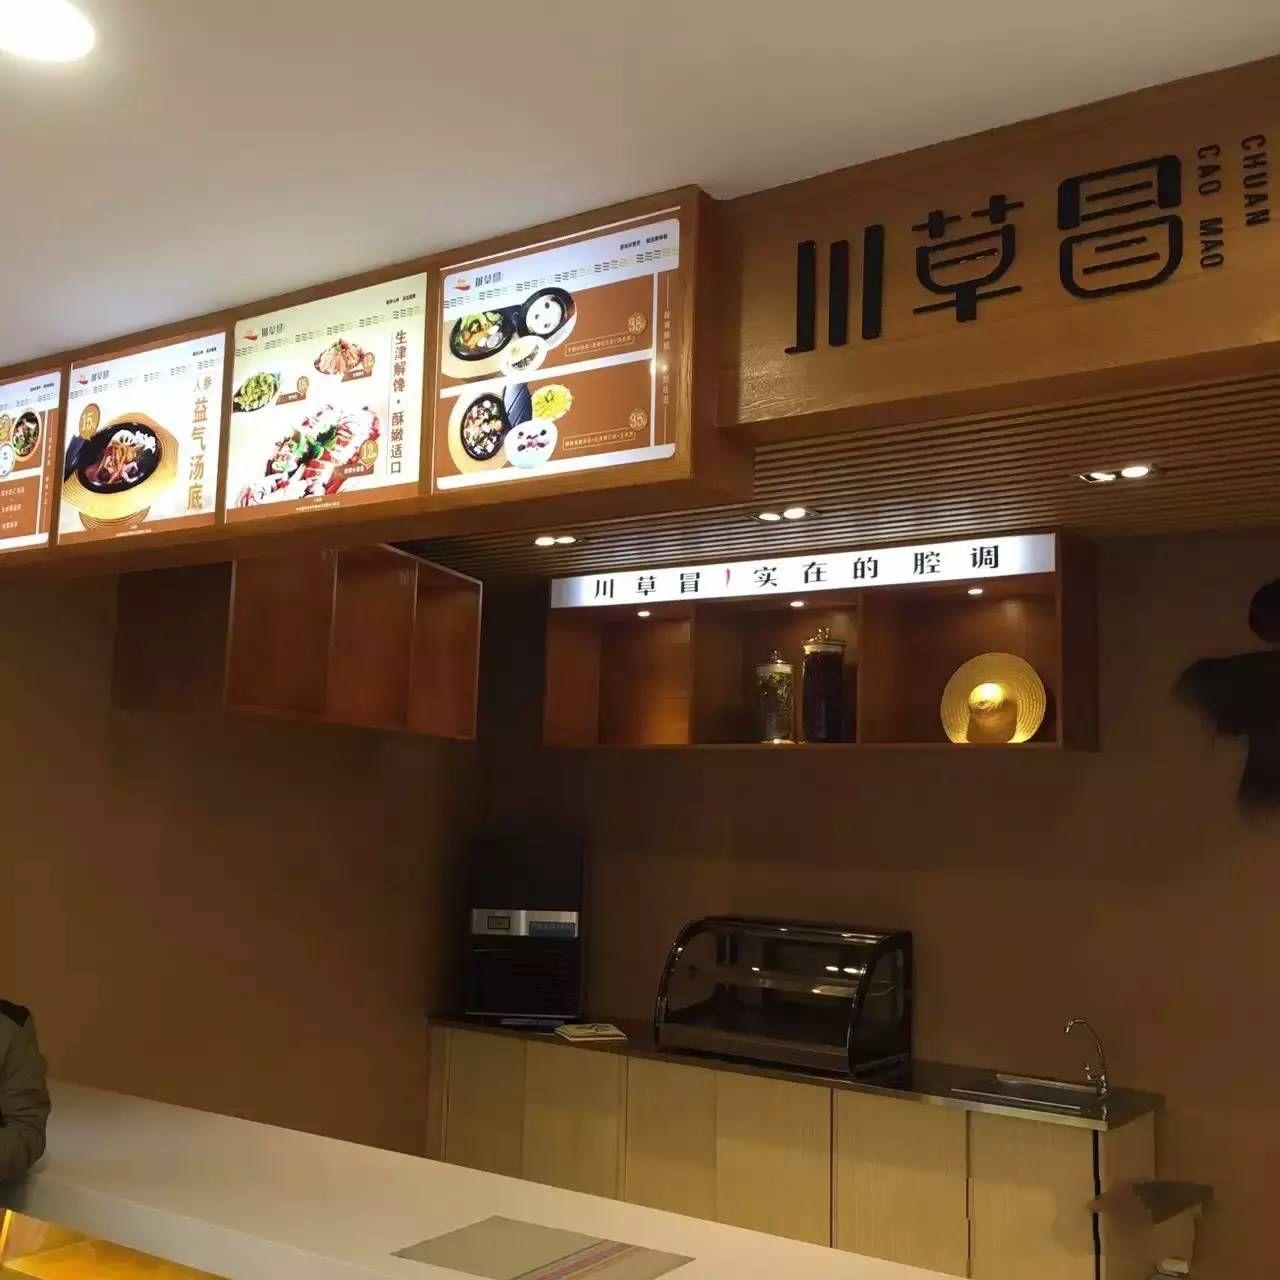 冒菜餐厅装修设计 冒菜厅厨房图片大全鉴赏